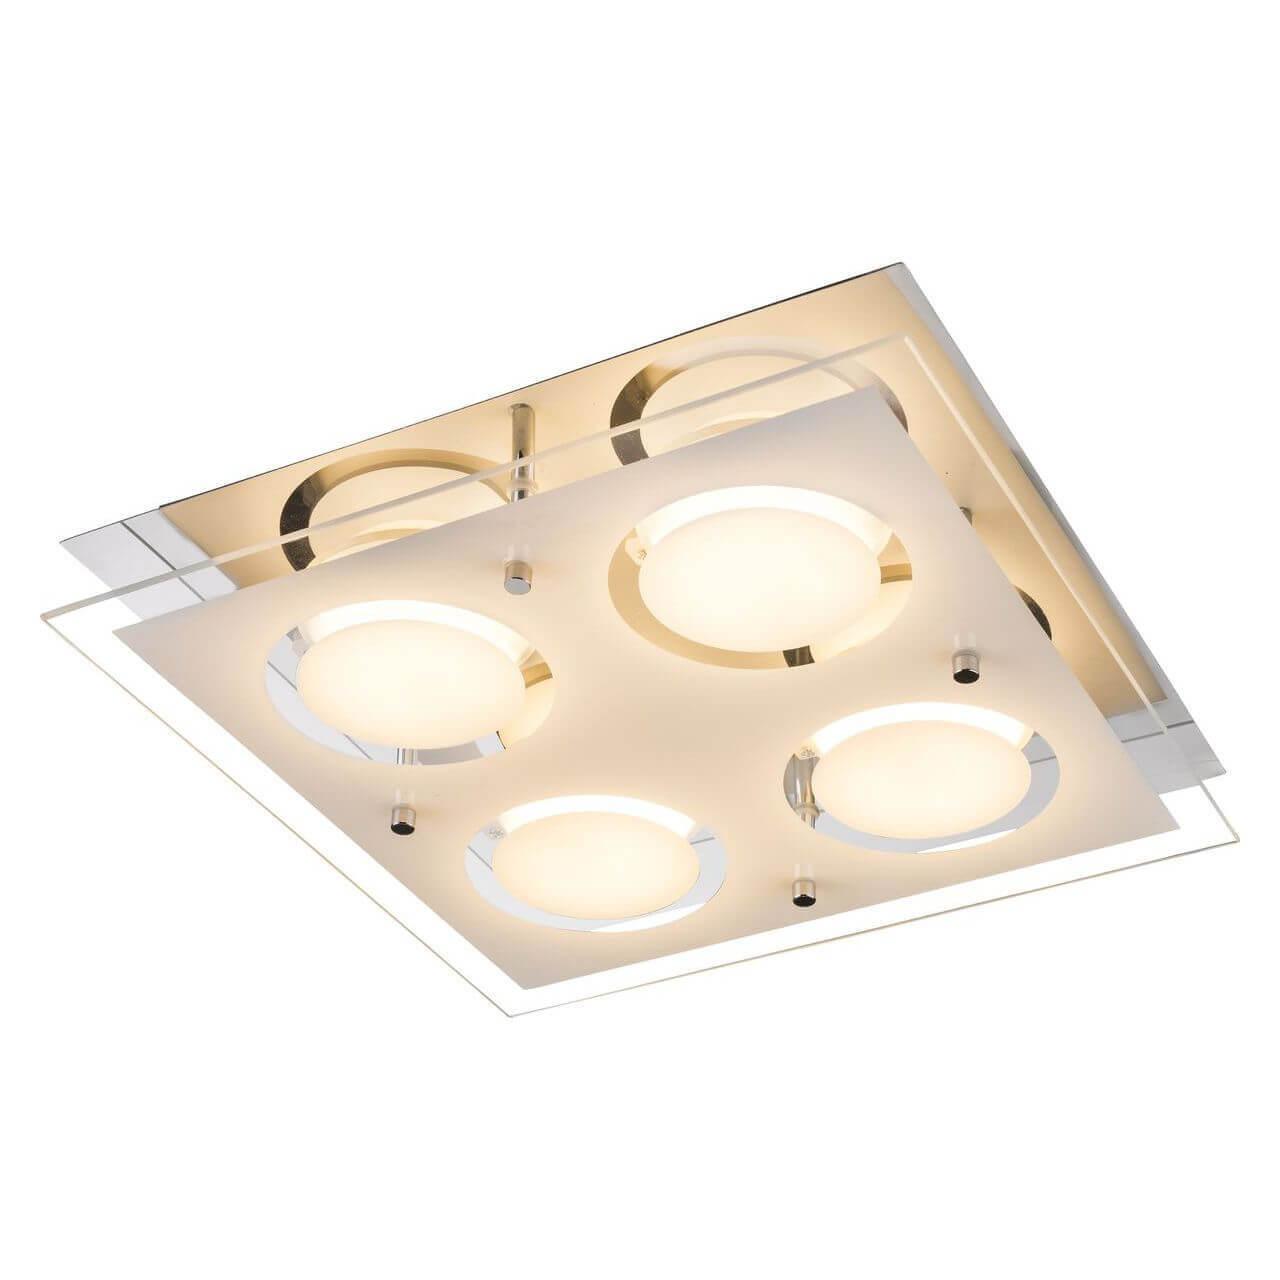 Потолочный светодиодный светильник Globo Ricky 49236-4 потолочный светильник globo new 49236 2 серый металлик